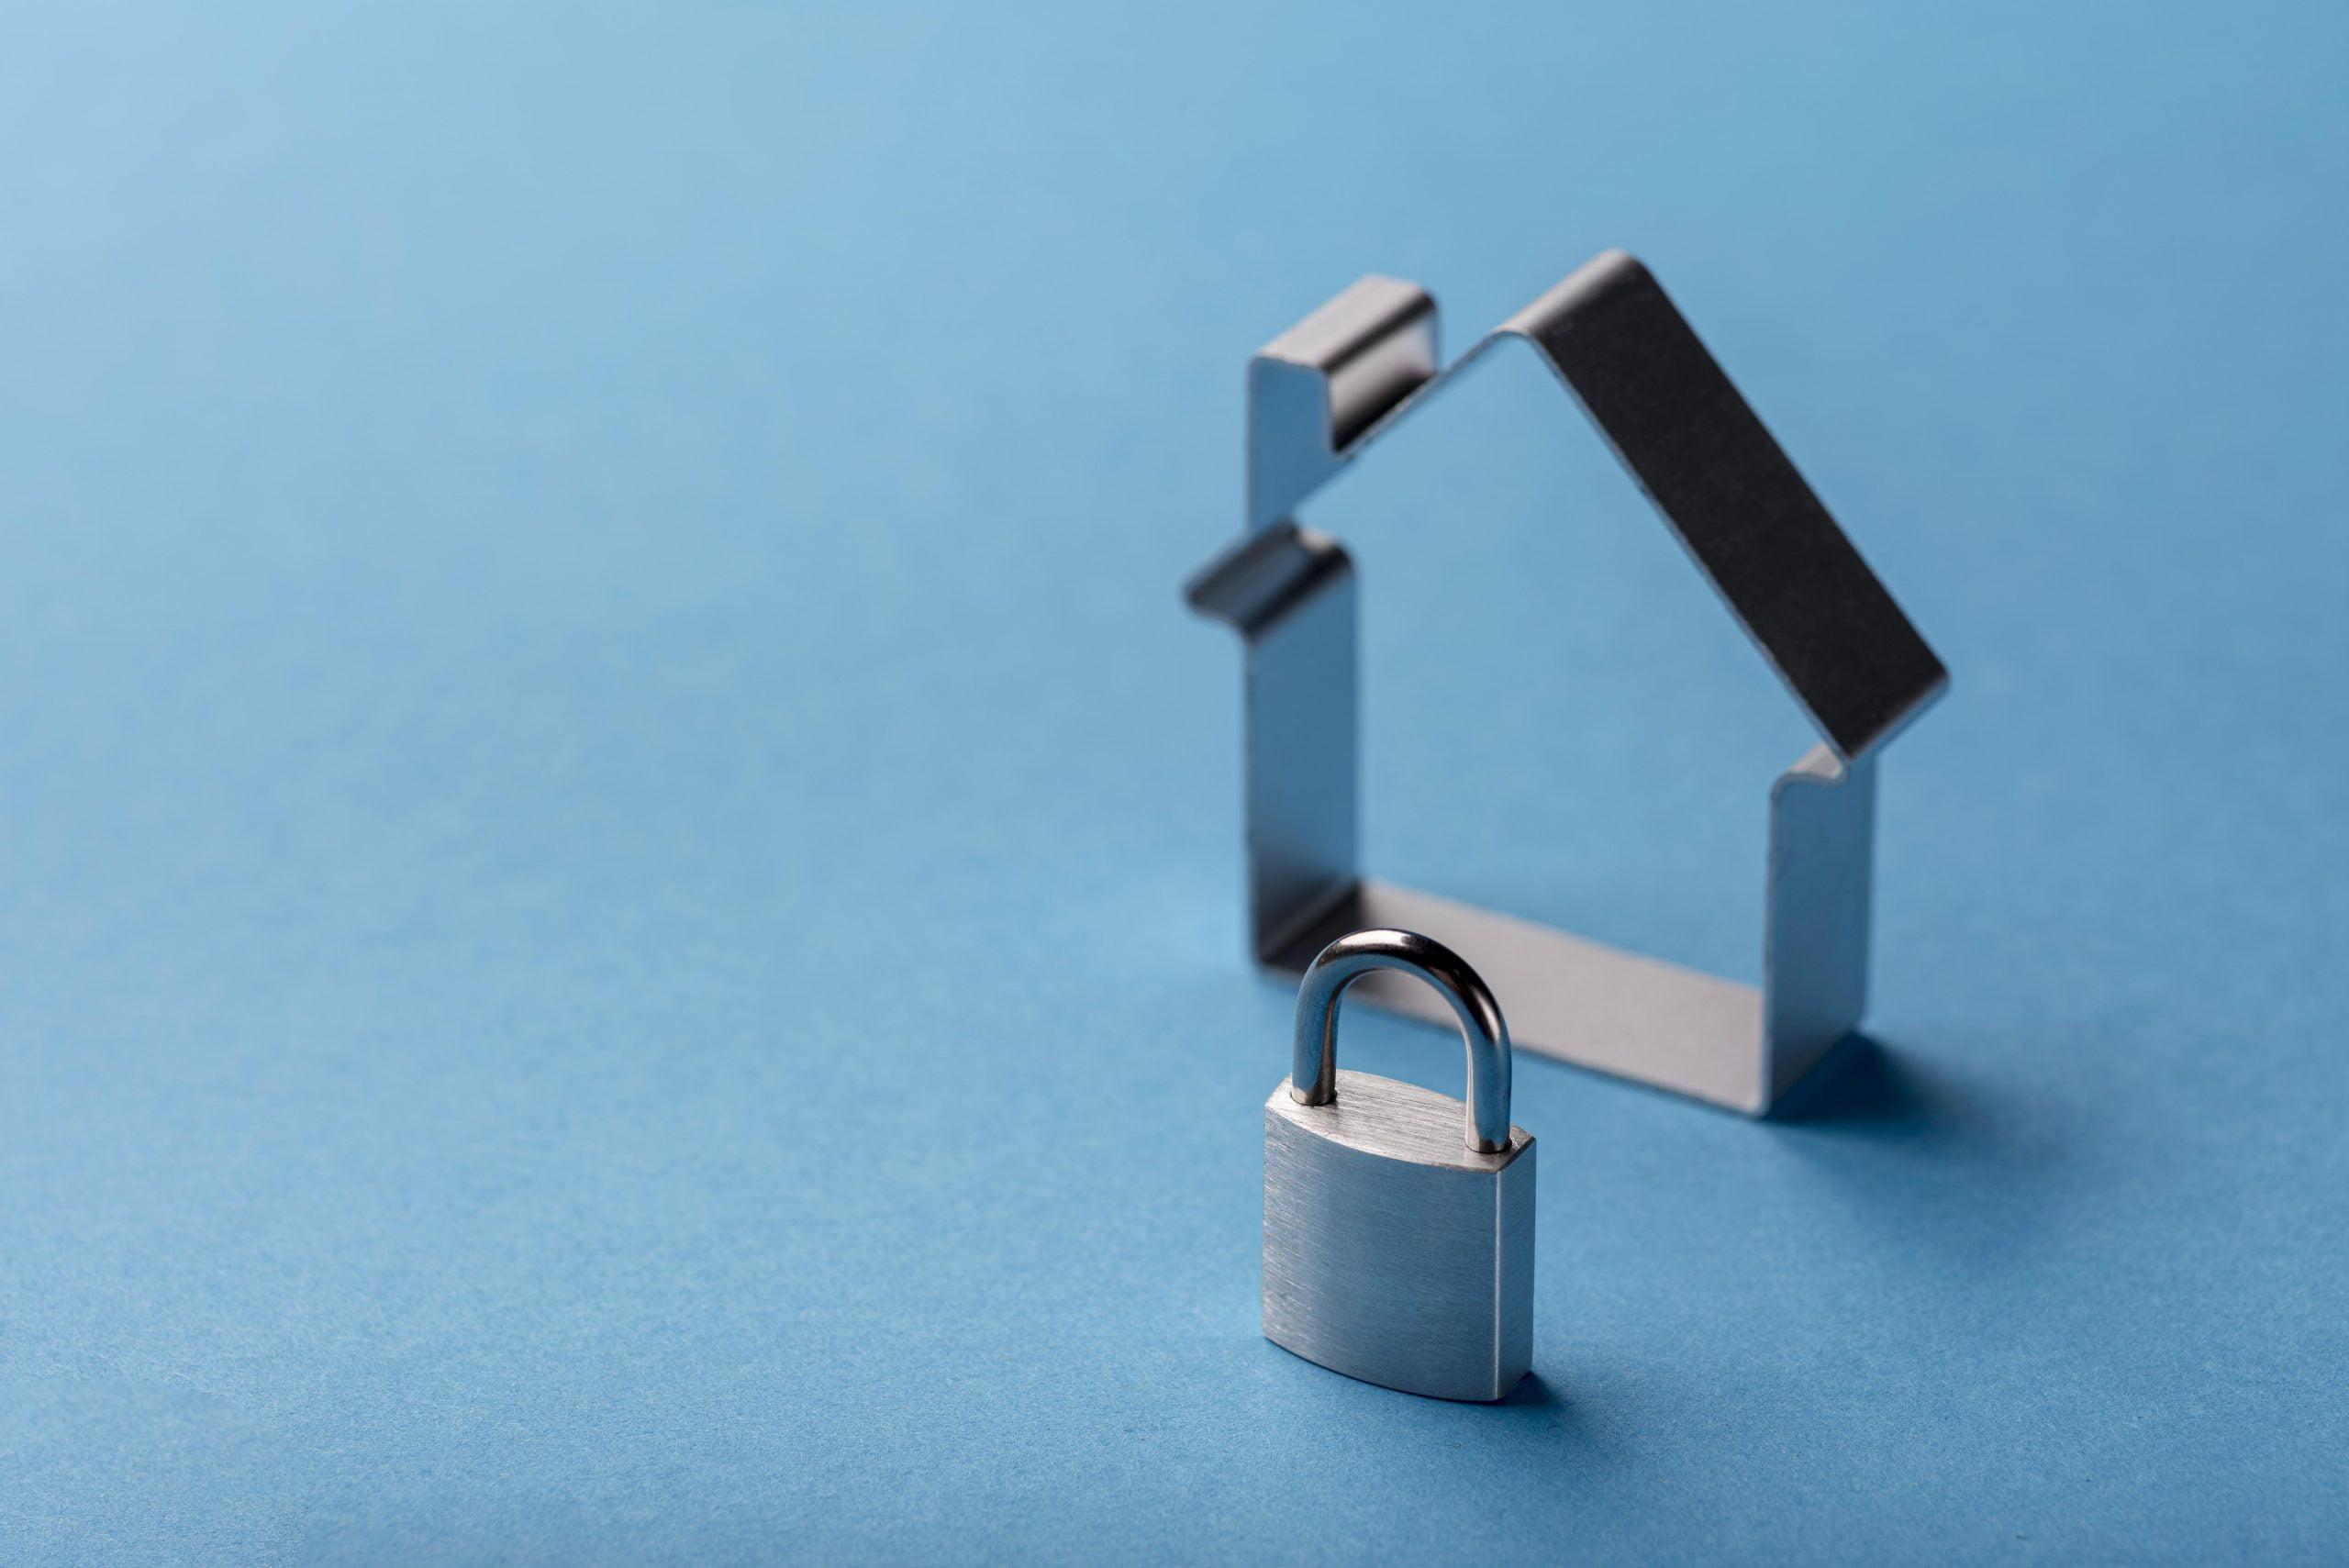 protéger patrimoine personnel résidence principale